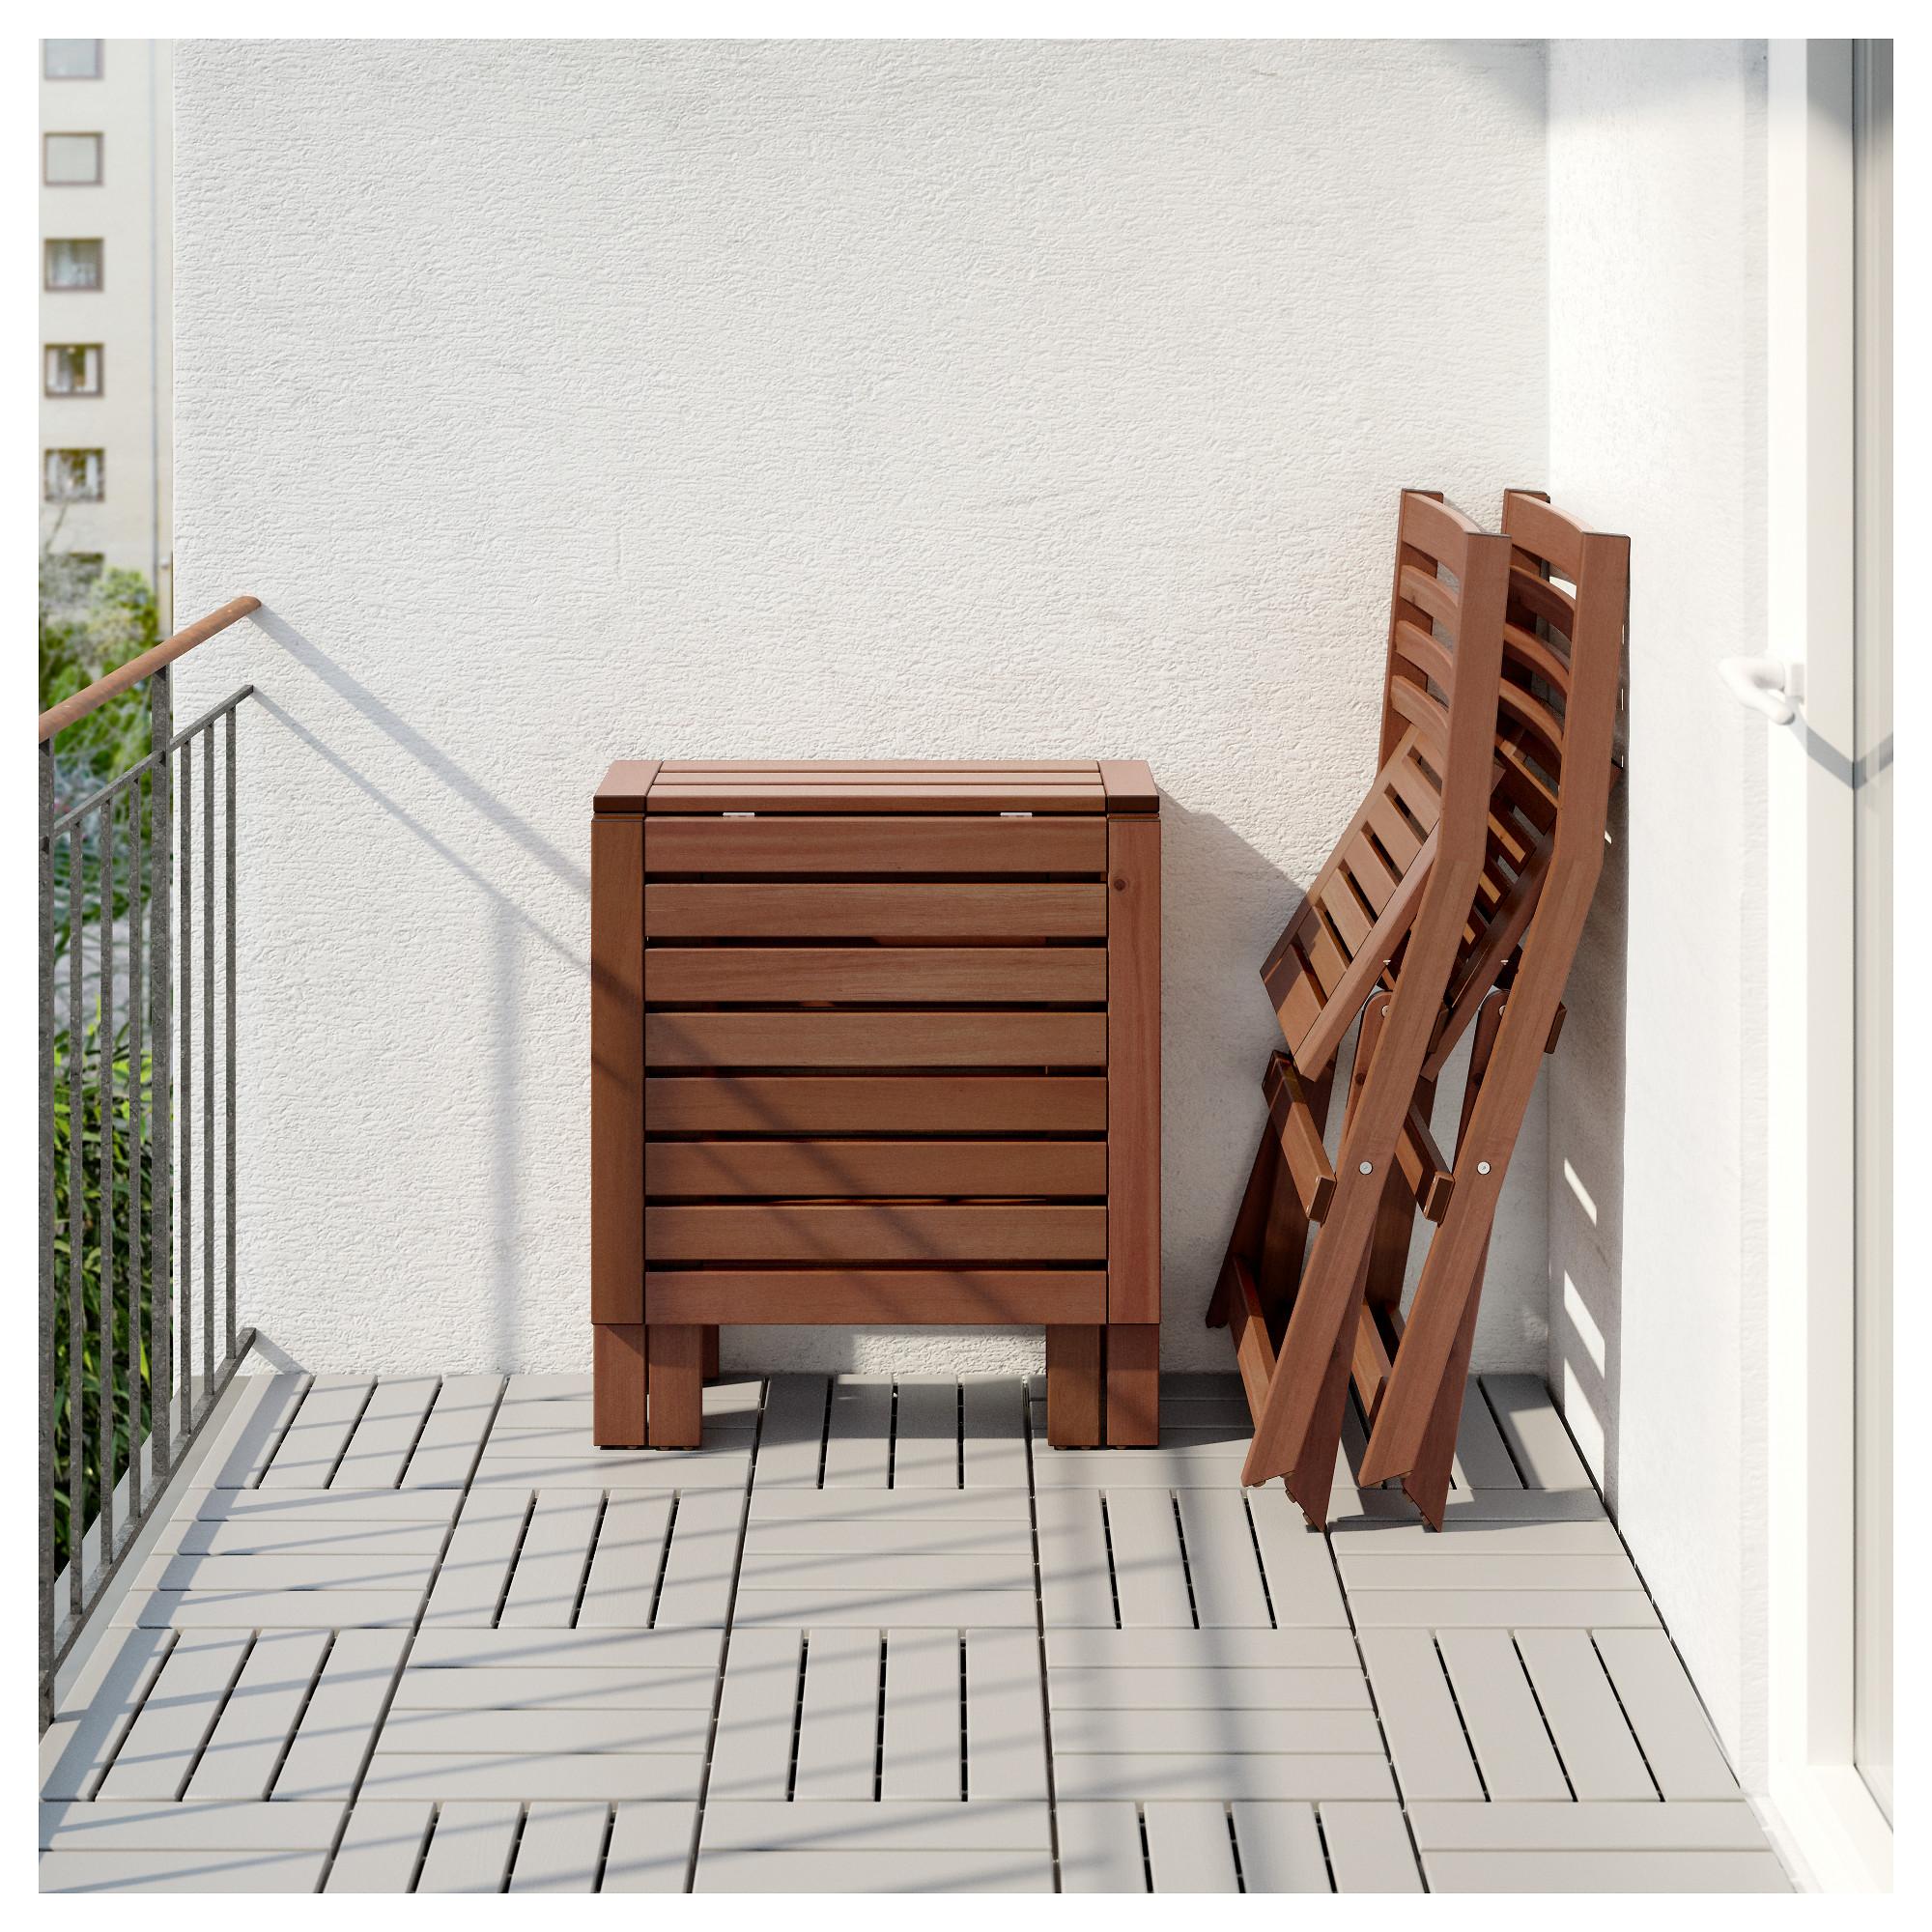 Стол + 2 складных стула для сада ЭПЛАРО артикуль № 392.289.26 в наличии. Онлайн магазин IKEA РБ. Недорогая доставка и соборка.